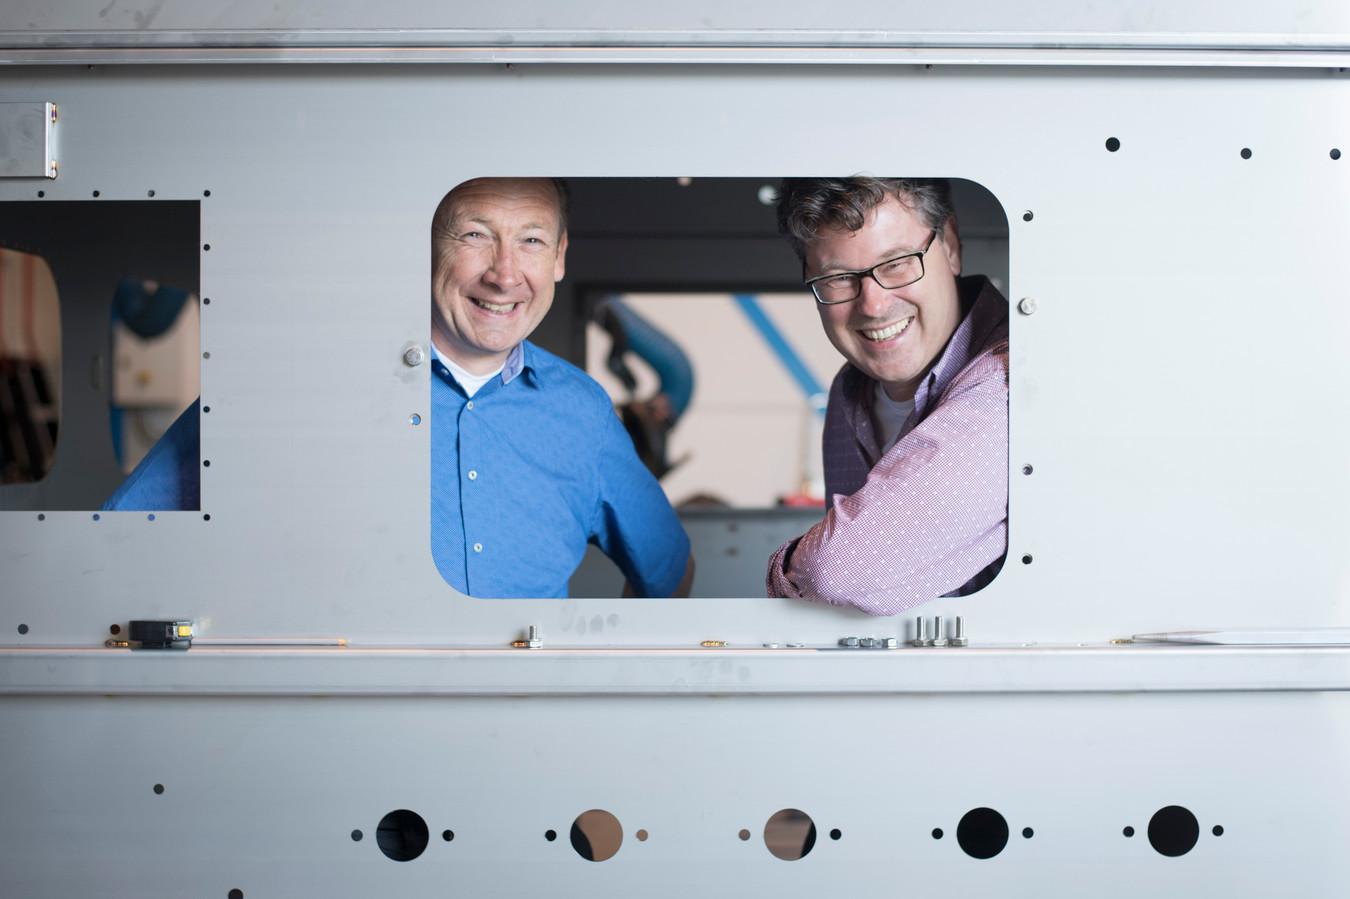 NIJVERDAL - Directeur Marcel Prinsen en Bert Welink van metaalbedrijf Metal Machinebouwers